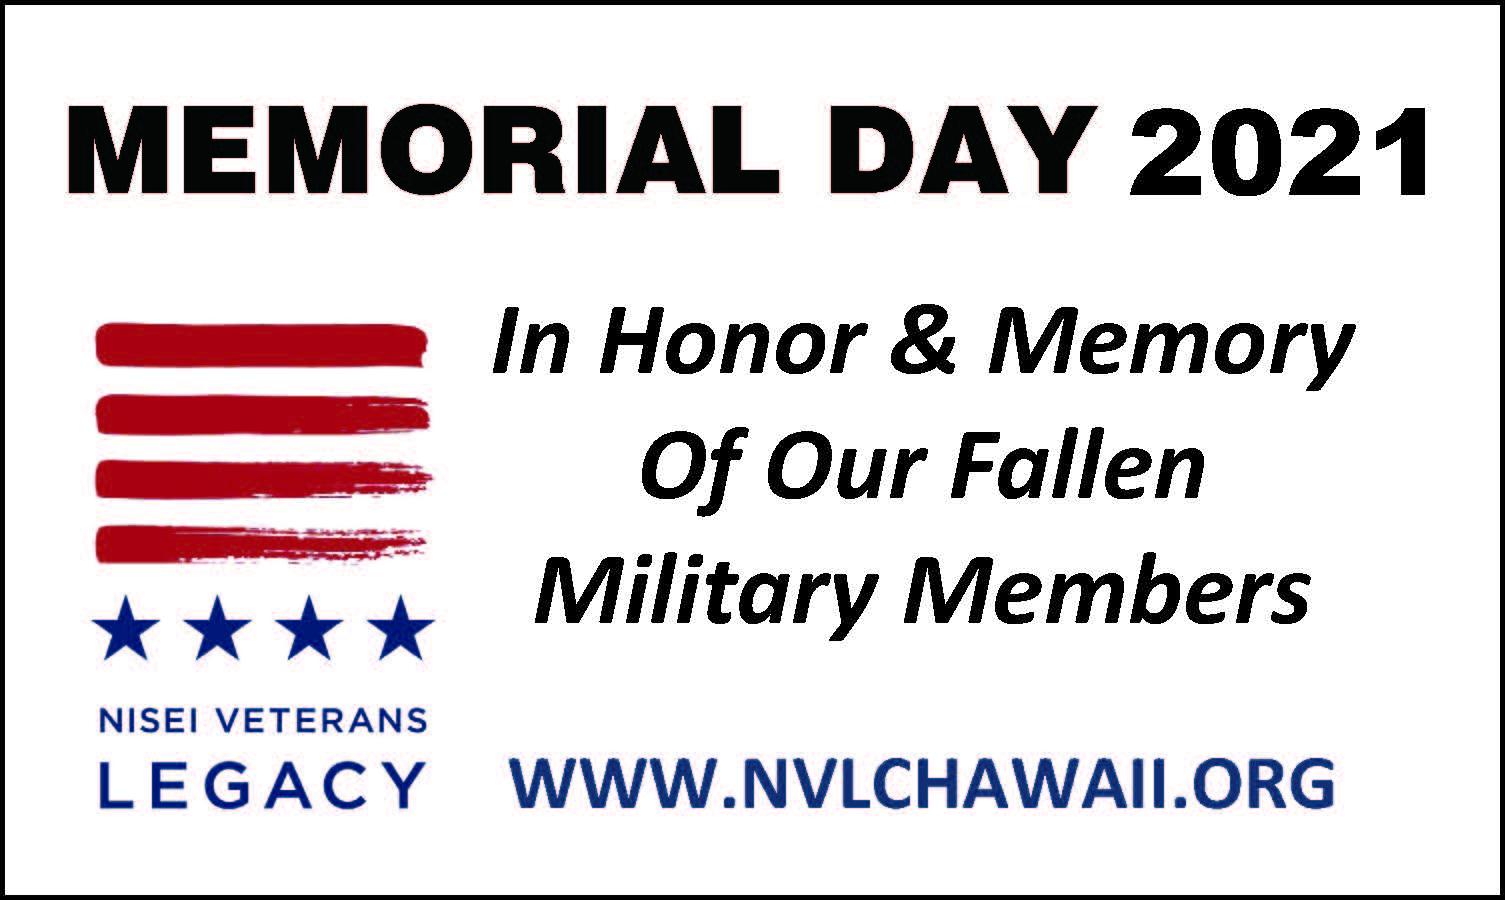 NVLC Hawaii Memorial Day ad